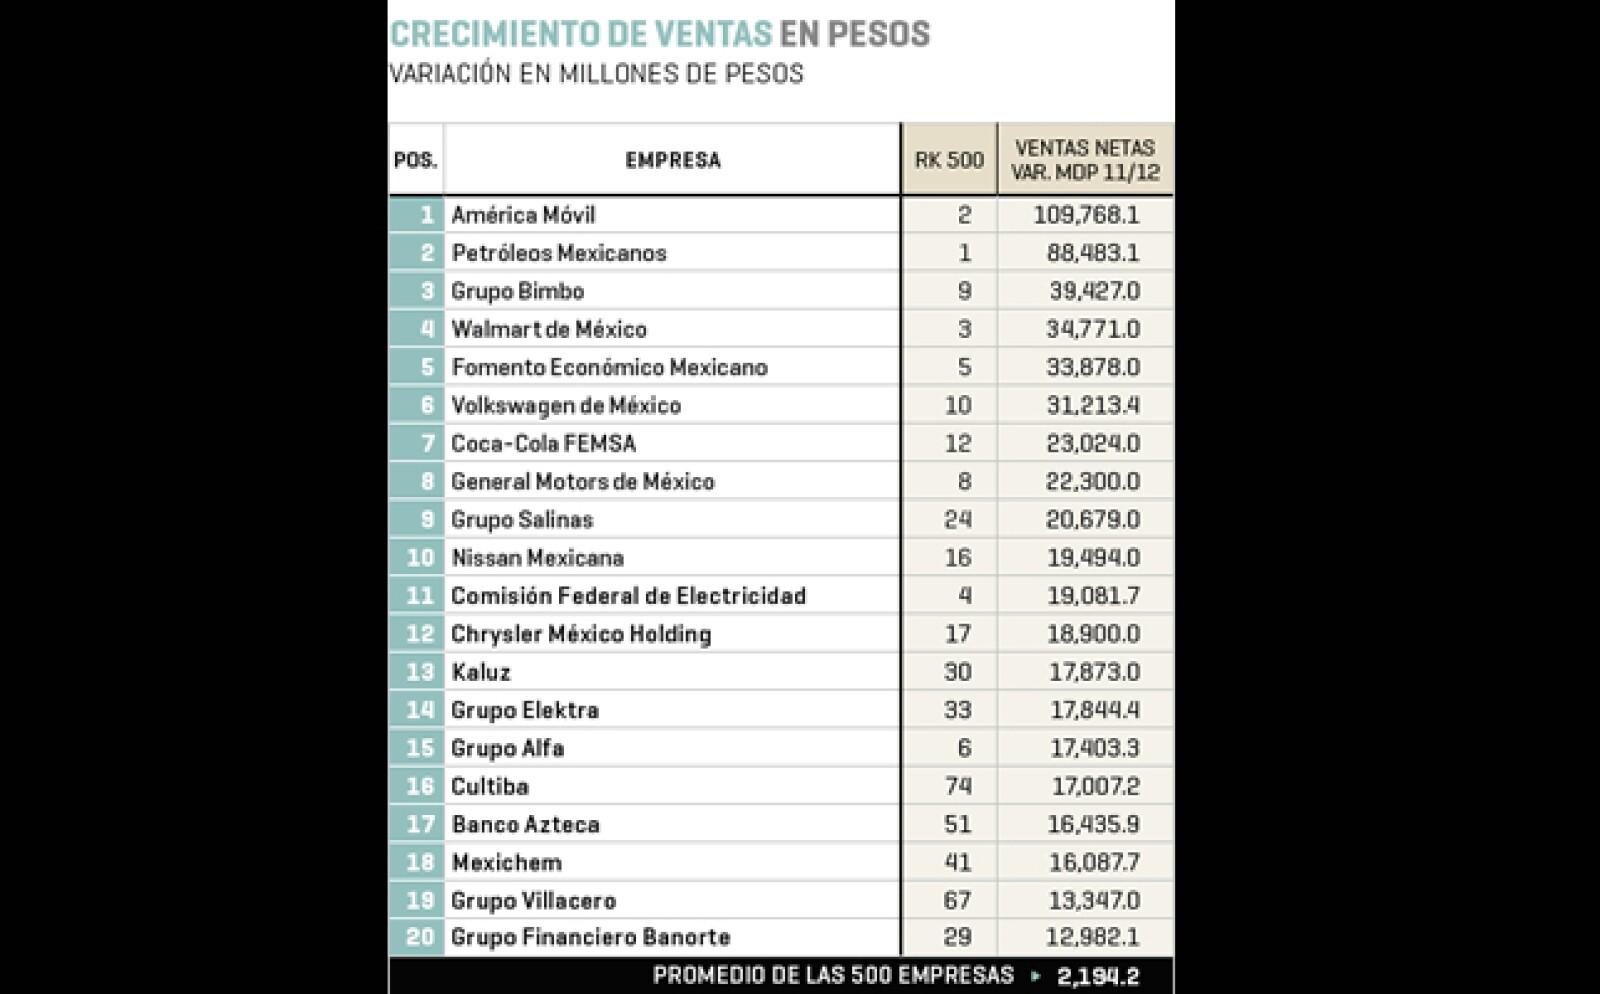 América Móvil (posición 2 en el ranking 2013 de 'Las 500'), Petróleos Mexicanos (1) y Grupo Bimbo (9) lideran el listado de las empresas con mayor crecimiento en ventas (en pesos).